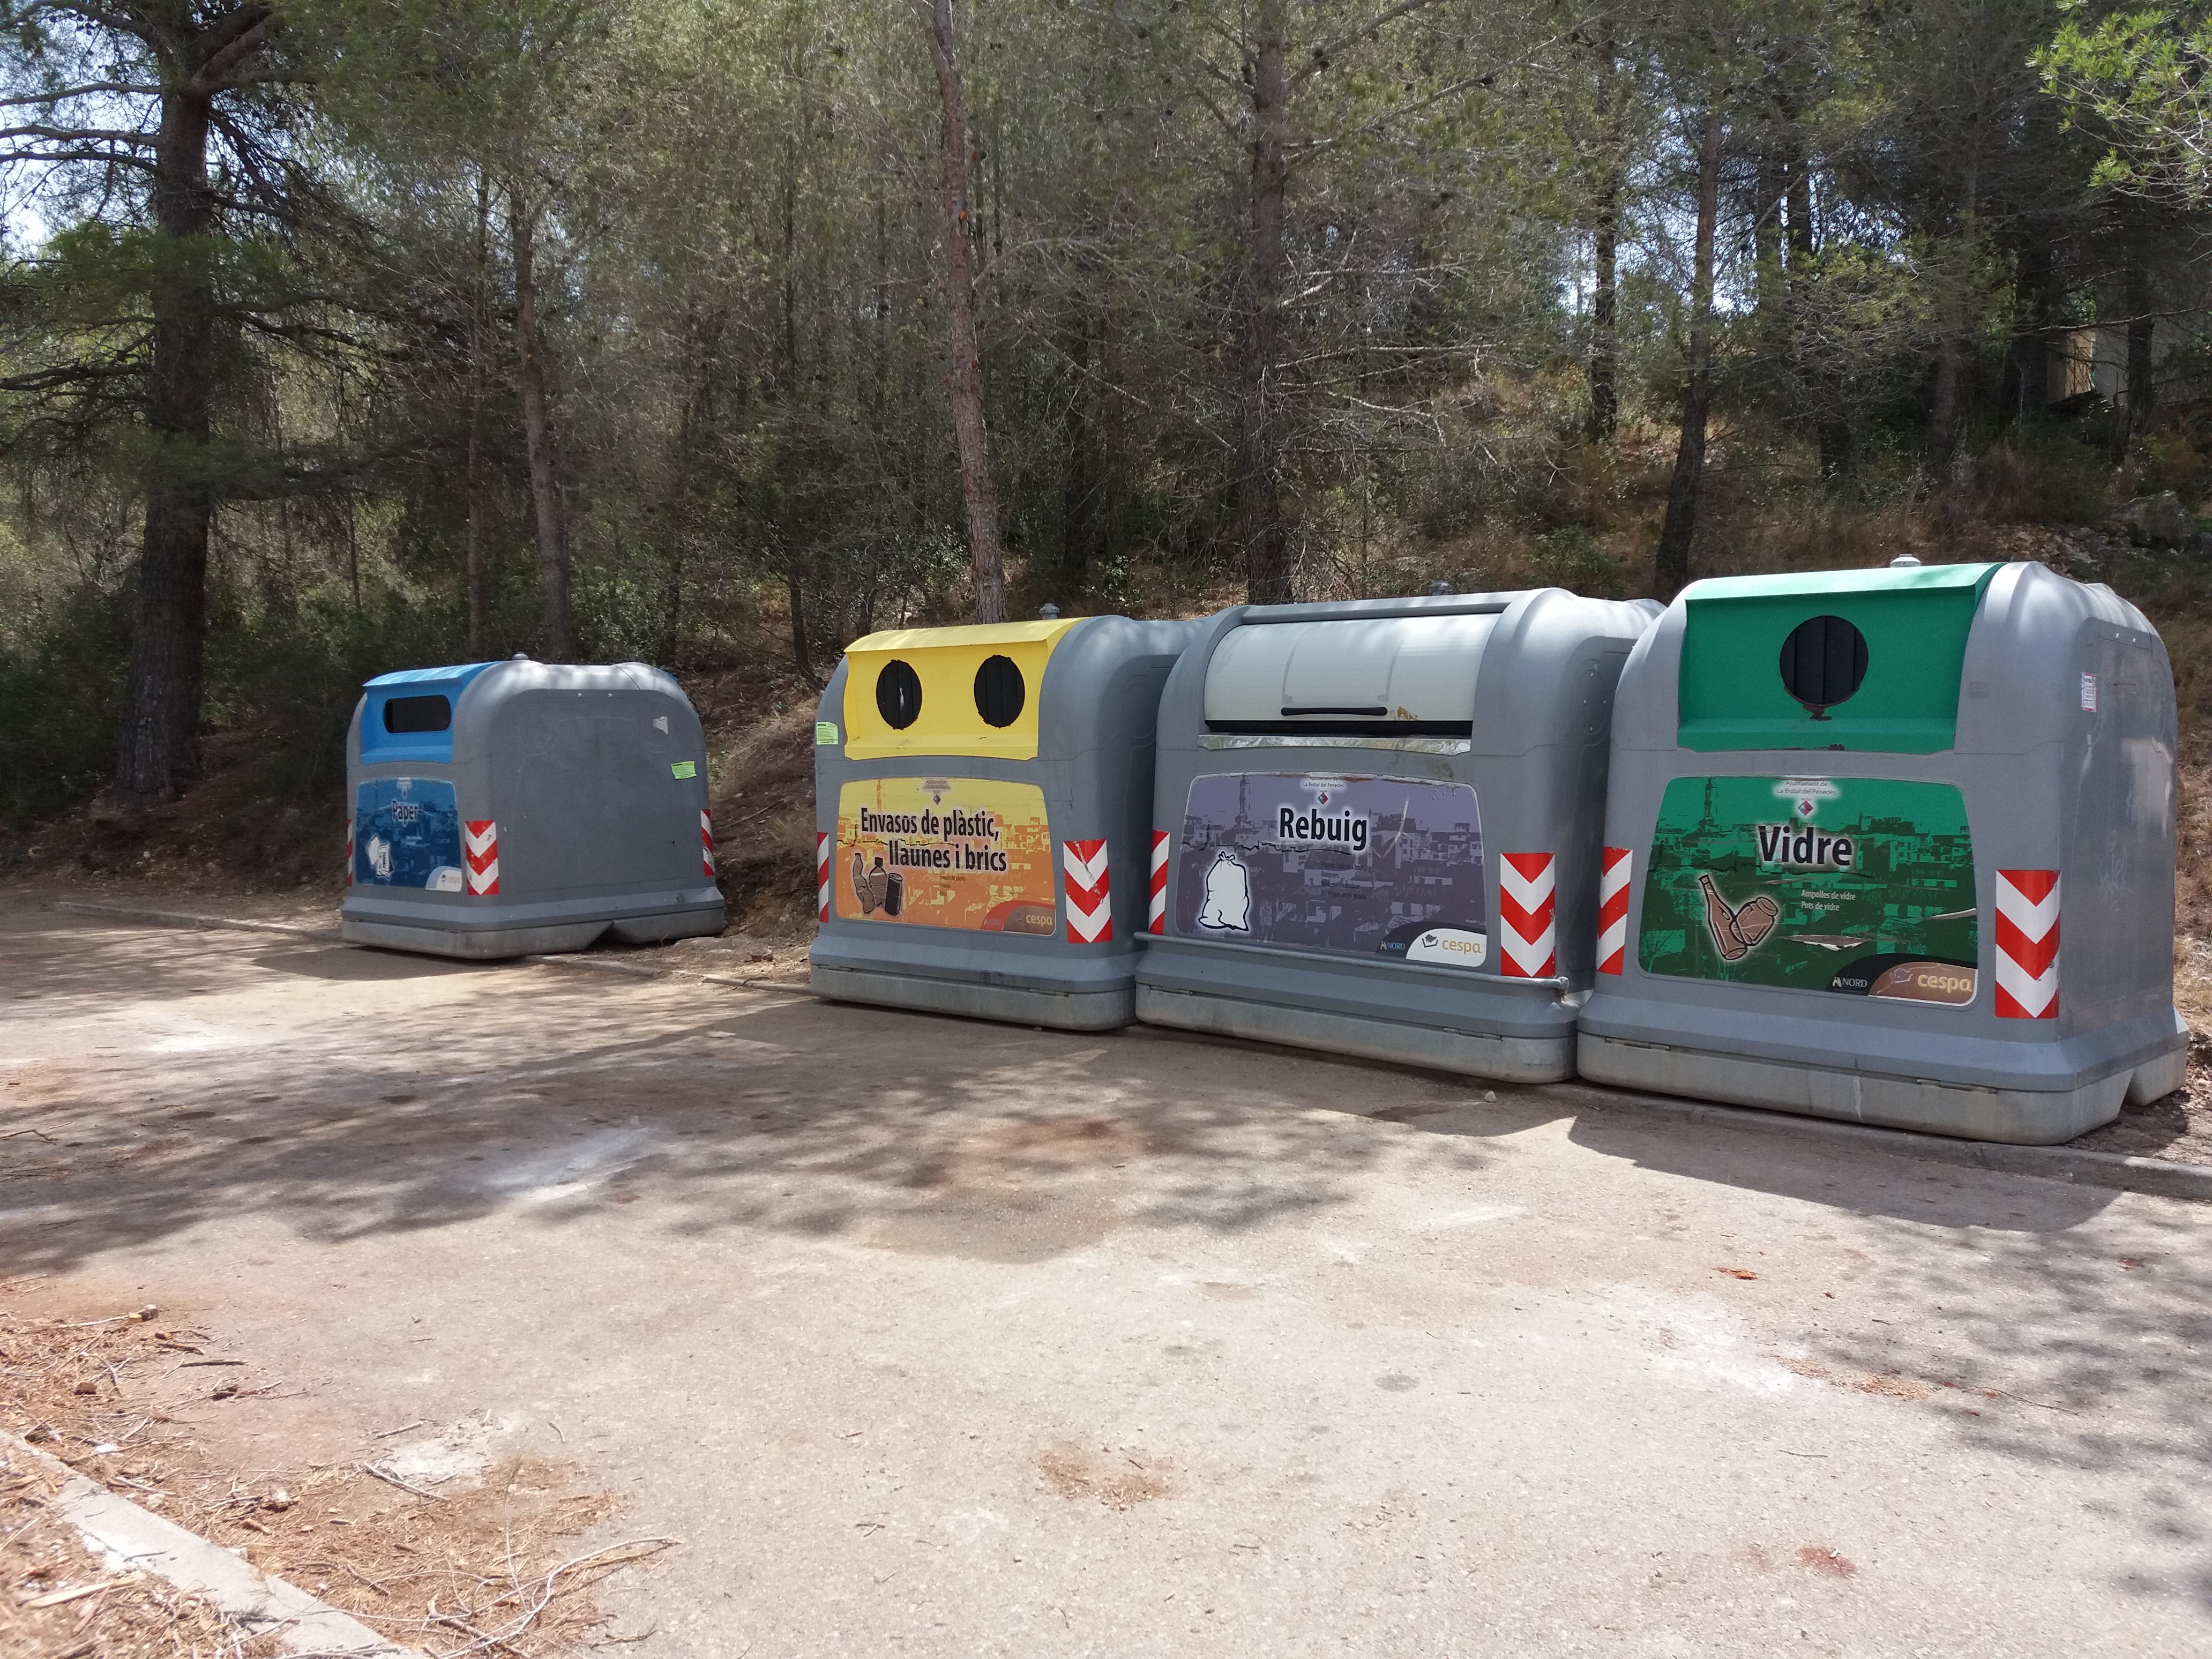 La Junta de Govern Local ha aprovat la revisió de preus del contracte del servei de recollida de residus